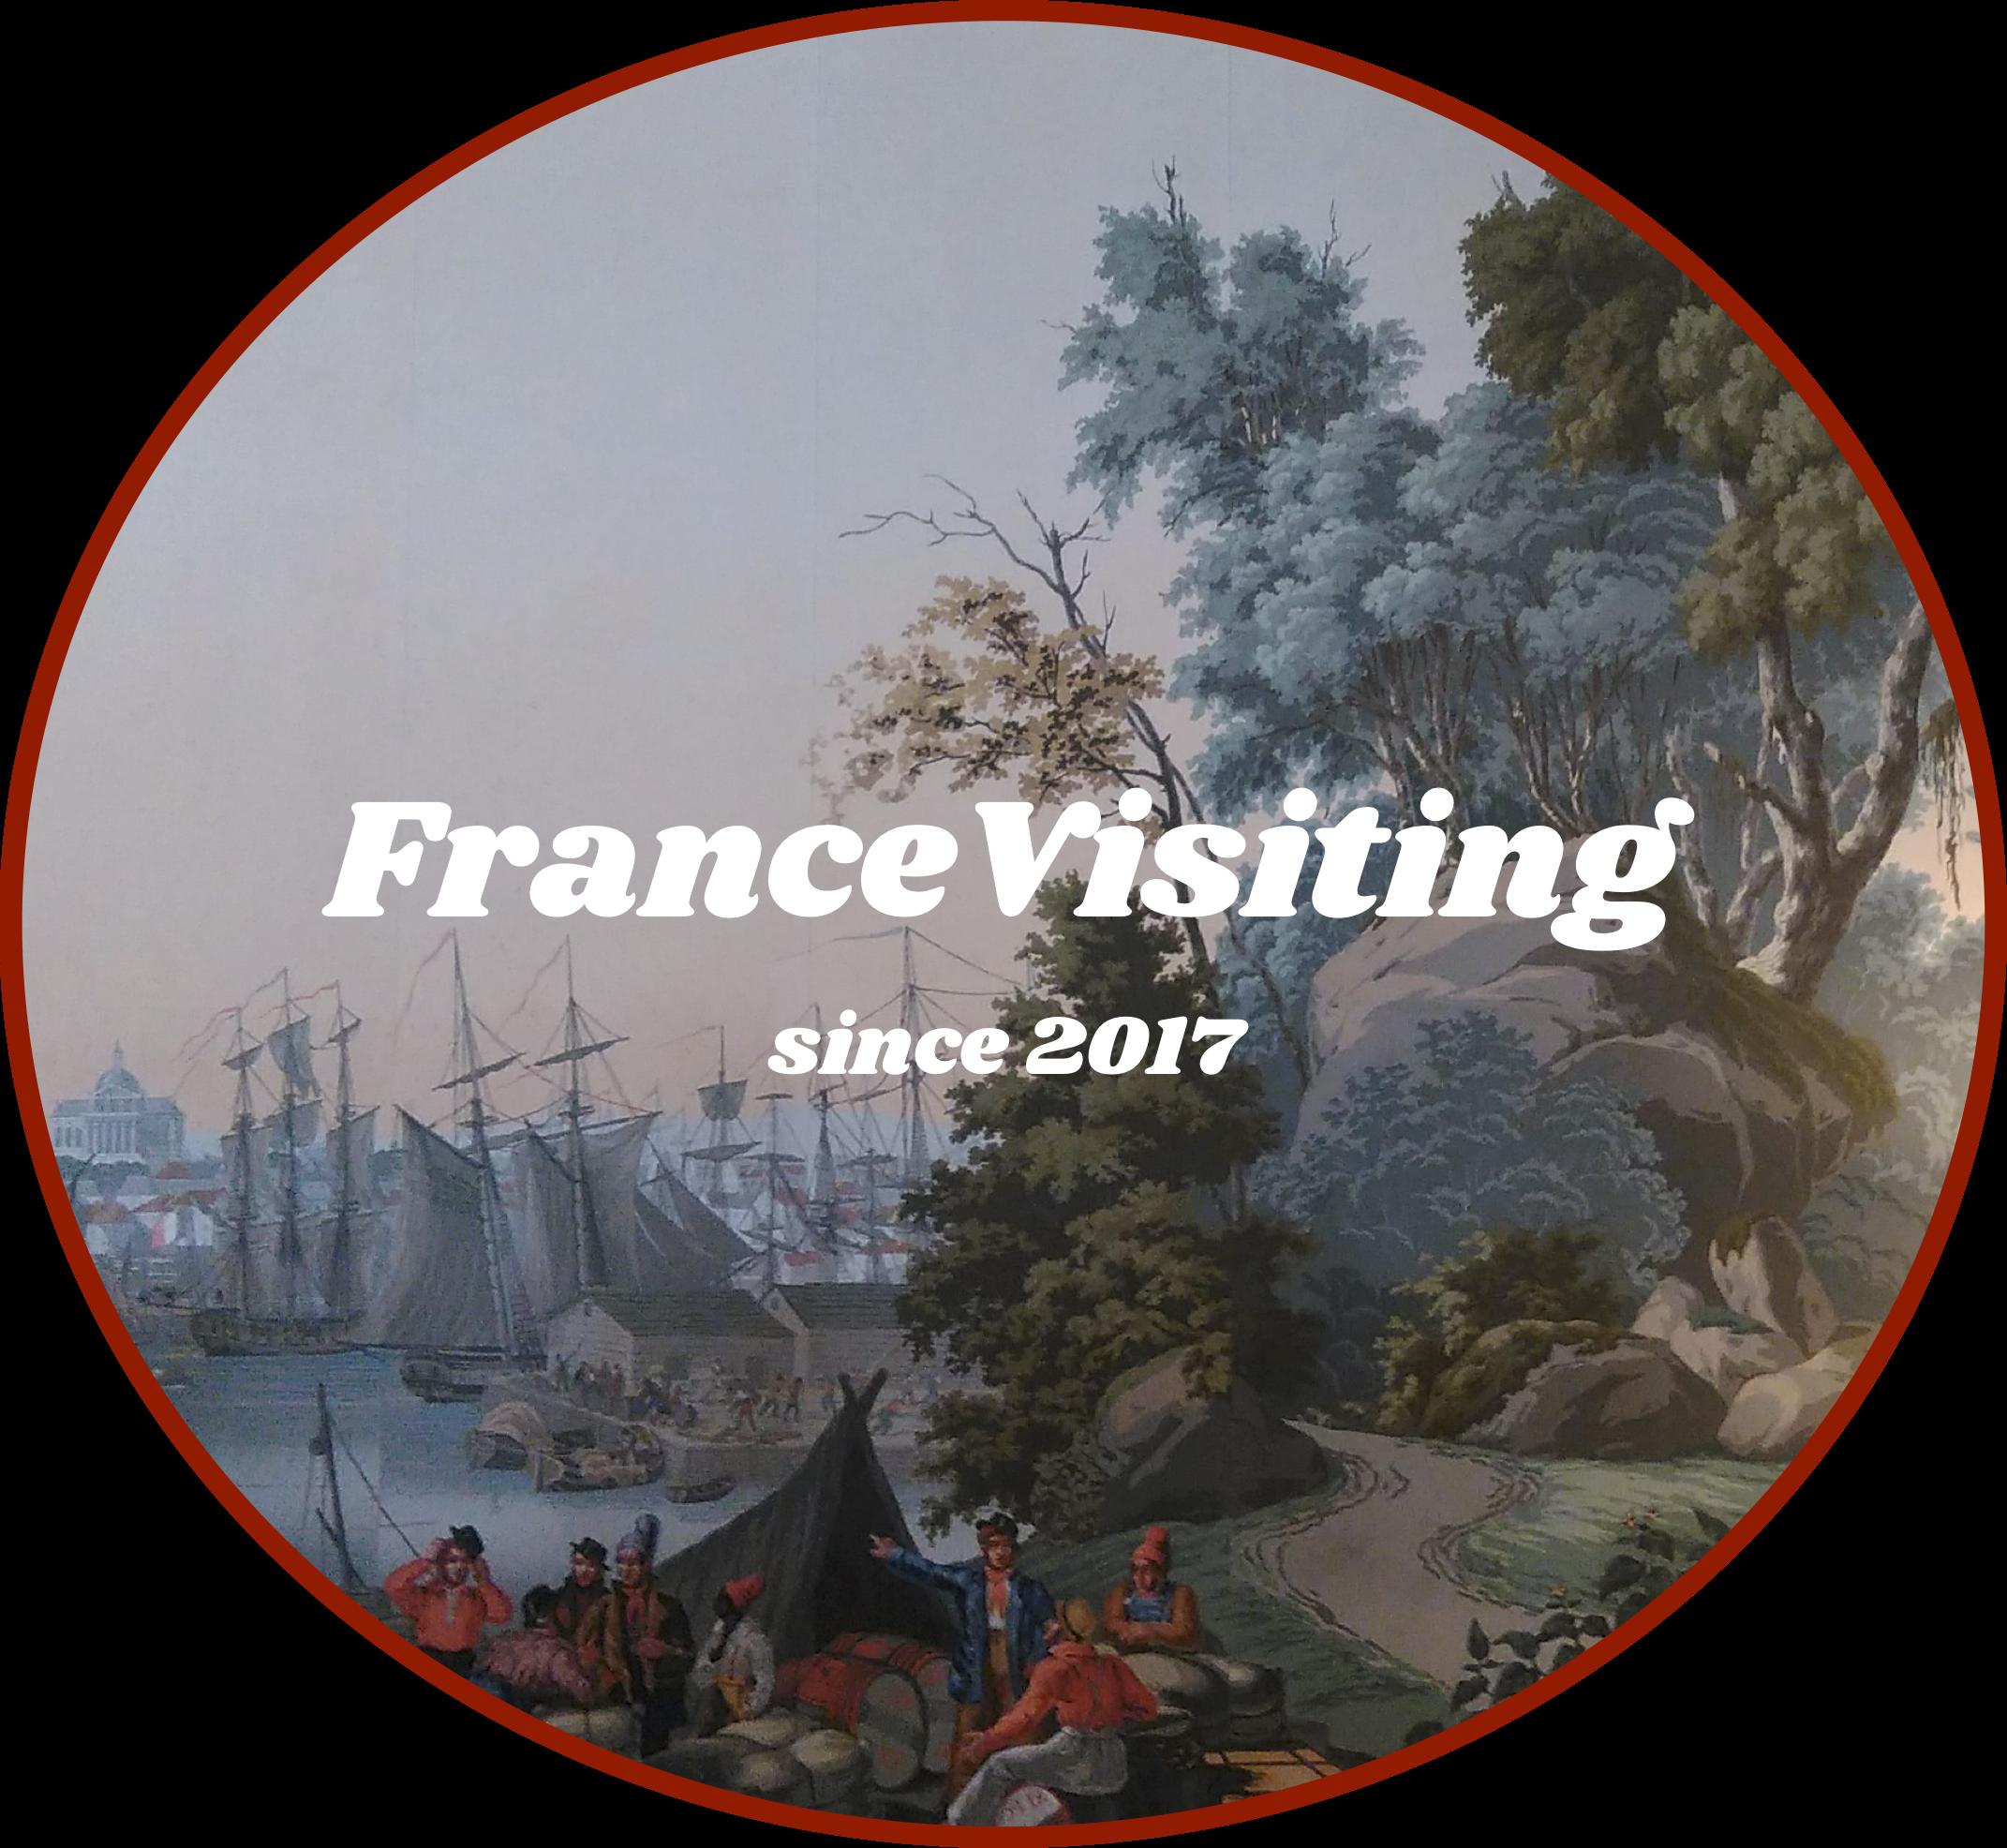 FranceVisiting.com